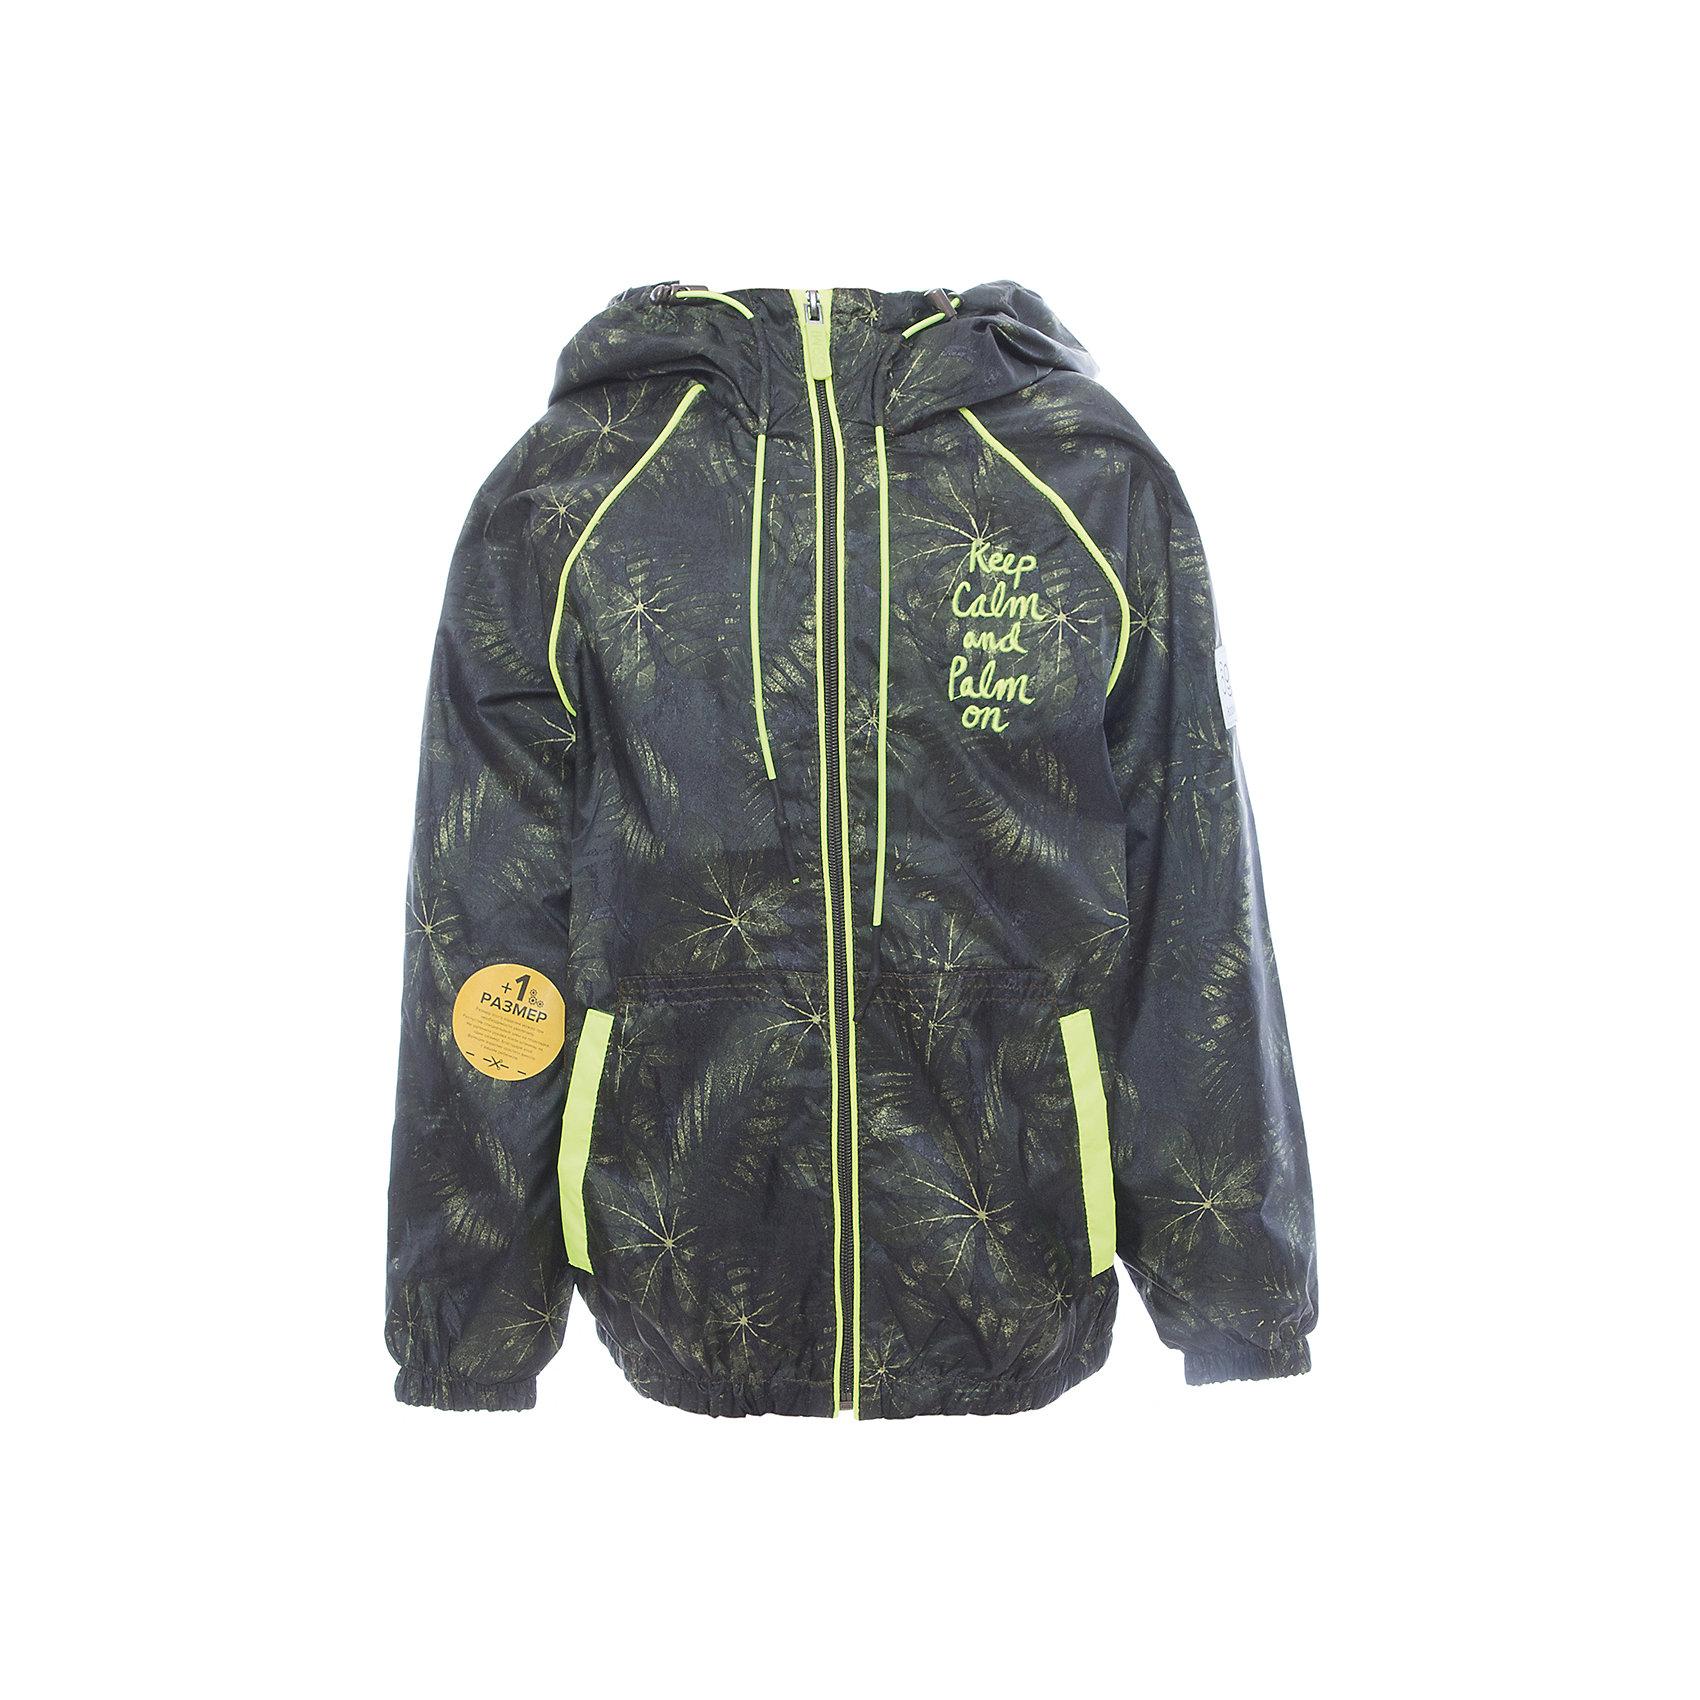 Куртка для мальчика BOOM by OrbyВерхняя одежда<br>Характеристики товара:<br><br>• цвет: зеленый<br>• состав: верх - таффета, подкладка - поликоттон, полиэстер, без утеплителя<br>• температурный режим: от +10° до +20°С<br>• карманы<br>• застежка - молния<br>• капюшон с утяжкой<br>• украшена принтом<br>• эластичные манжеты<br>• комфортная посадка<br>• страна производства: Российская Федерация<br>• страна бренда: Российская Федерация<br>• коллекция: весна-лето 2017<br><br>Легкая куртка - универсальный вариант и для прохладного летнего вечера, и для теплого межсезонья. Эта модель - модная и удобная одновременно! Изделие отличается стильным ярким дизайном. Куртка хорошо сидит по фигуре, отлично сочетается с различным низом. Вещь была разработана специально для детей.<br><br>Куртку для мальчика от бренда BOOM by Orby можно купить в нашем интернет-магазине.<br><br>Ширина мм: 356<br>Глубина мм: 10<br>Высота мм: 245<br>Вес г: 519<br>Цвет: зеленый<br>Возраст от месяцев: 48<br>Возраст до месяцев: 60<br>Пол: Мужской<br>Возраст: Детский<br>Размер: 110,158,116,122,128,134,140,146,152<br>SKU: 5343308